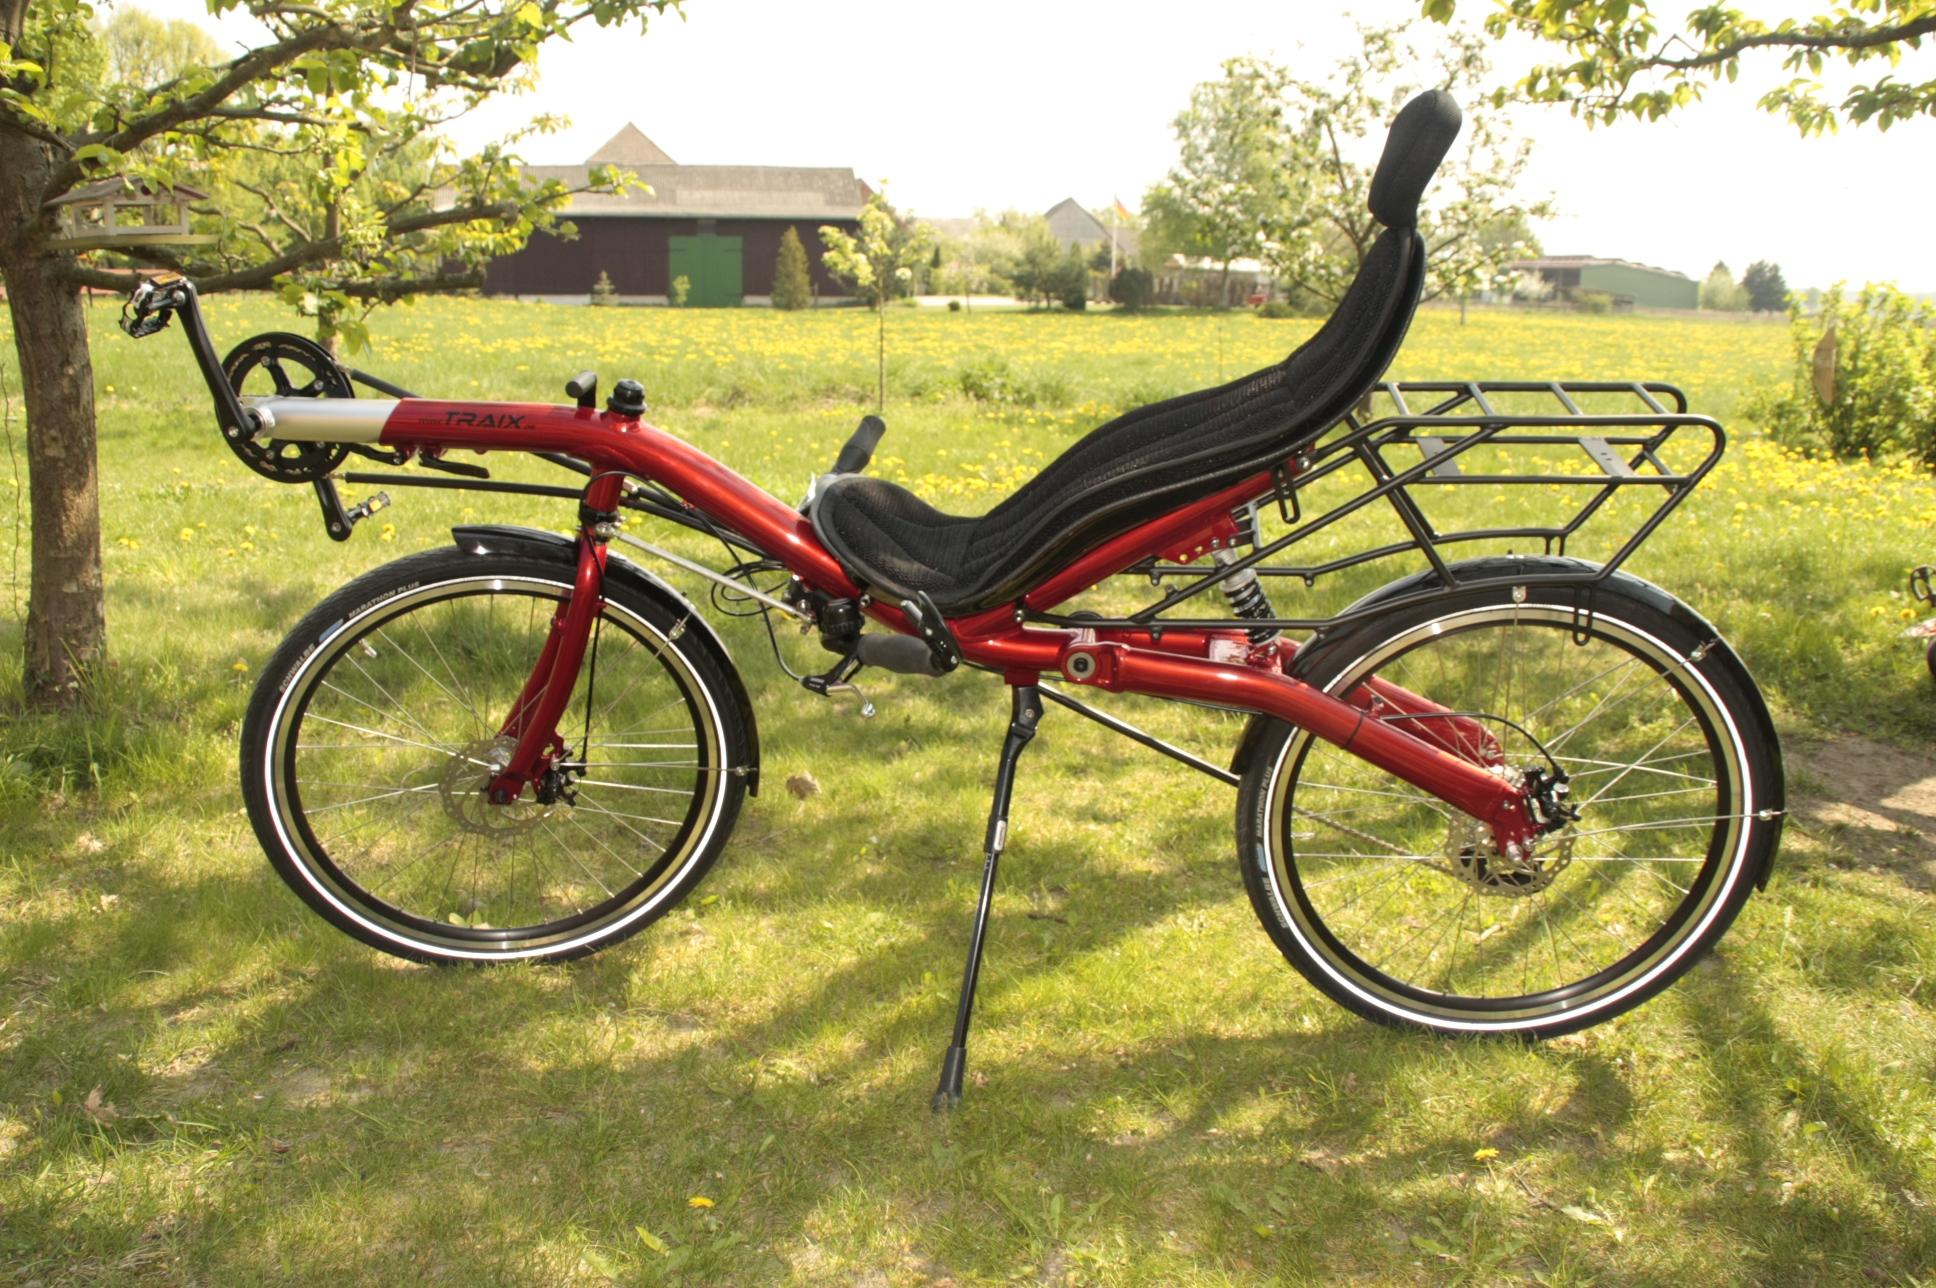 Еще бы телевизор - и лежачий велосипед был бы раем на колесах